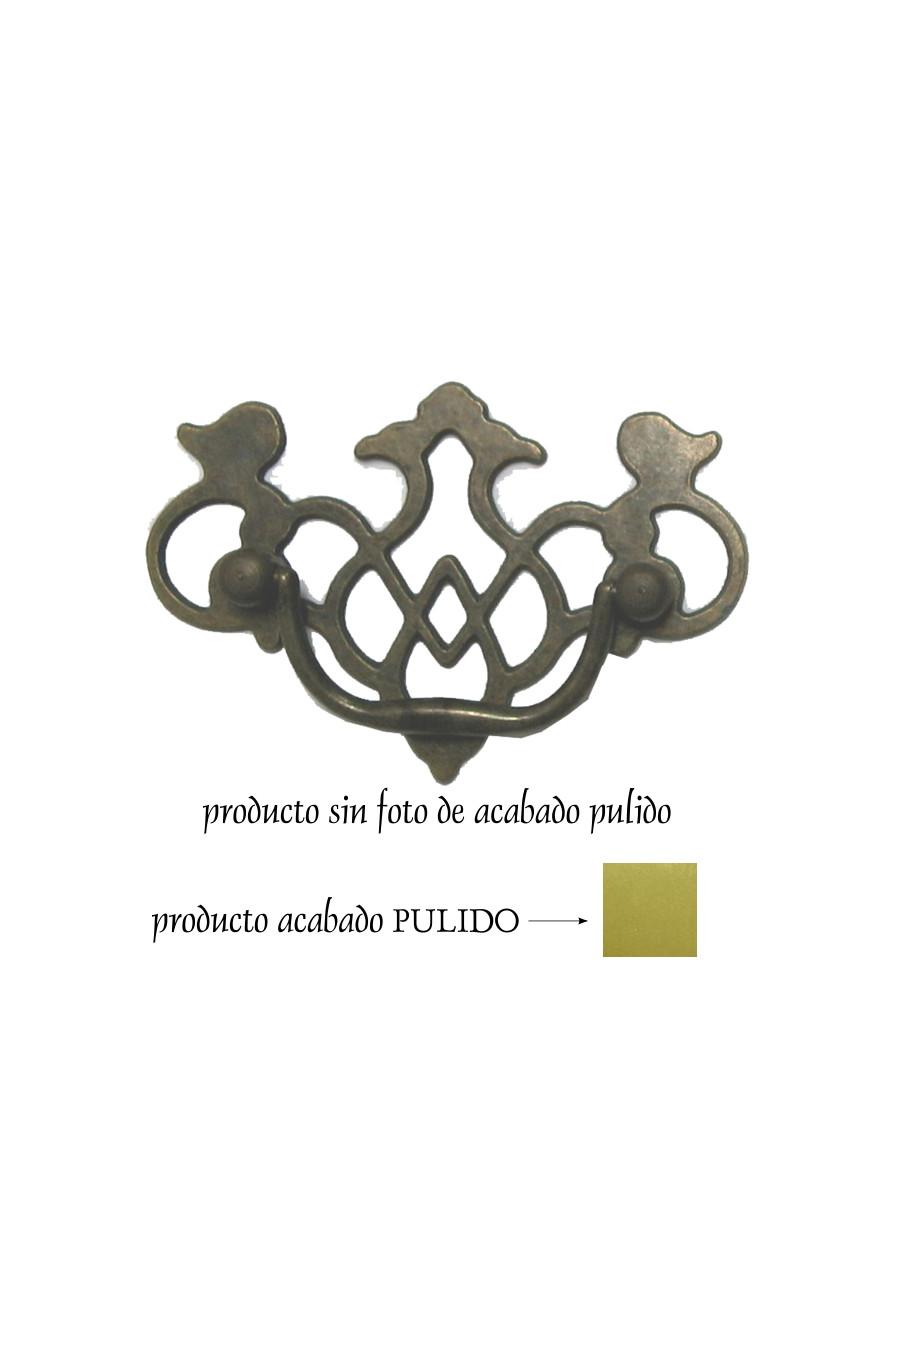 01.007 Pulido